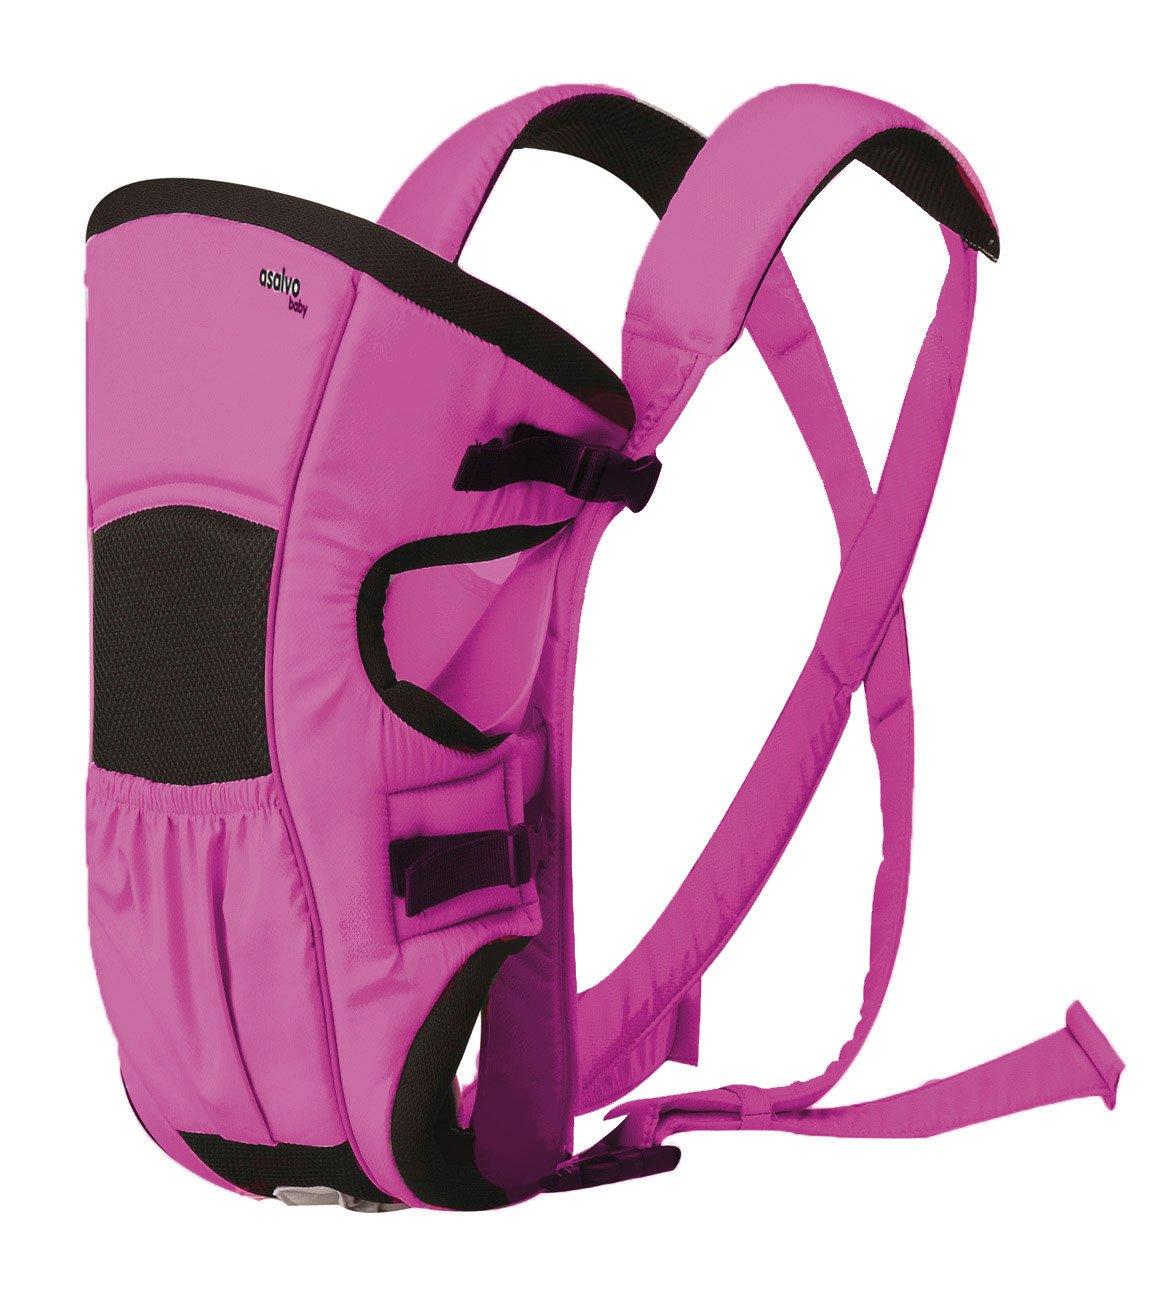 Asalvo 11091 - Mochila portabebés, color rosa: Amazon.es: Bebé